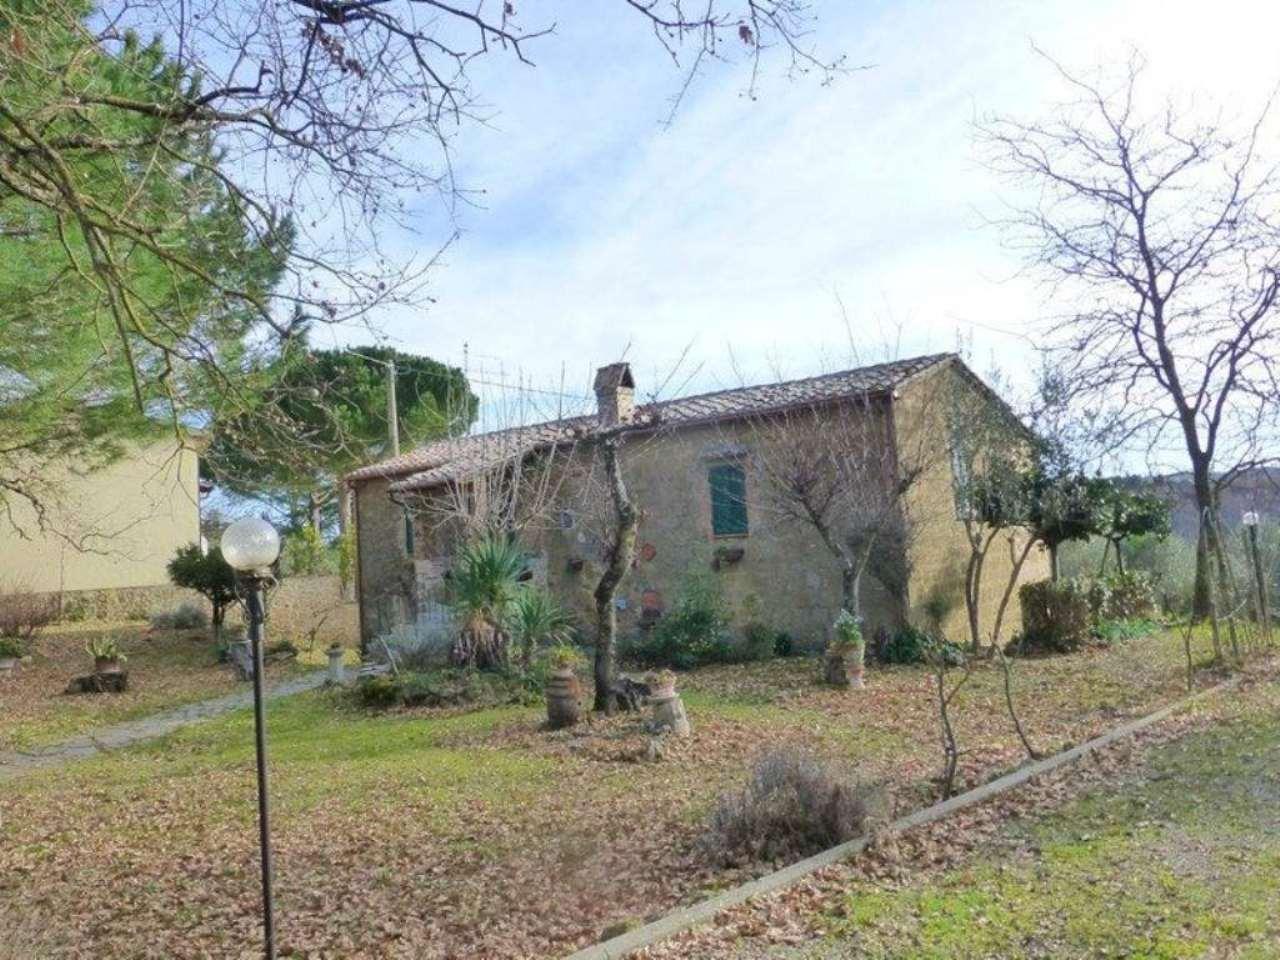 Rustico / Casale in vendita a Pienza, 7 locali, prezzo € 350.000   Cambio Casa.it